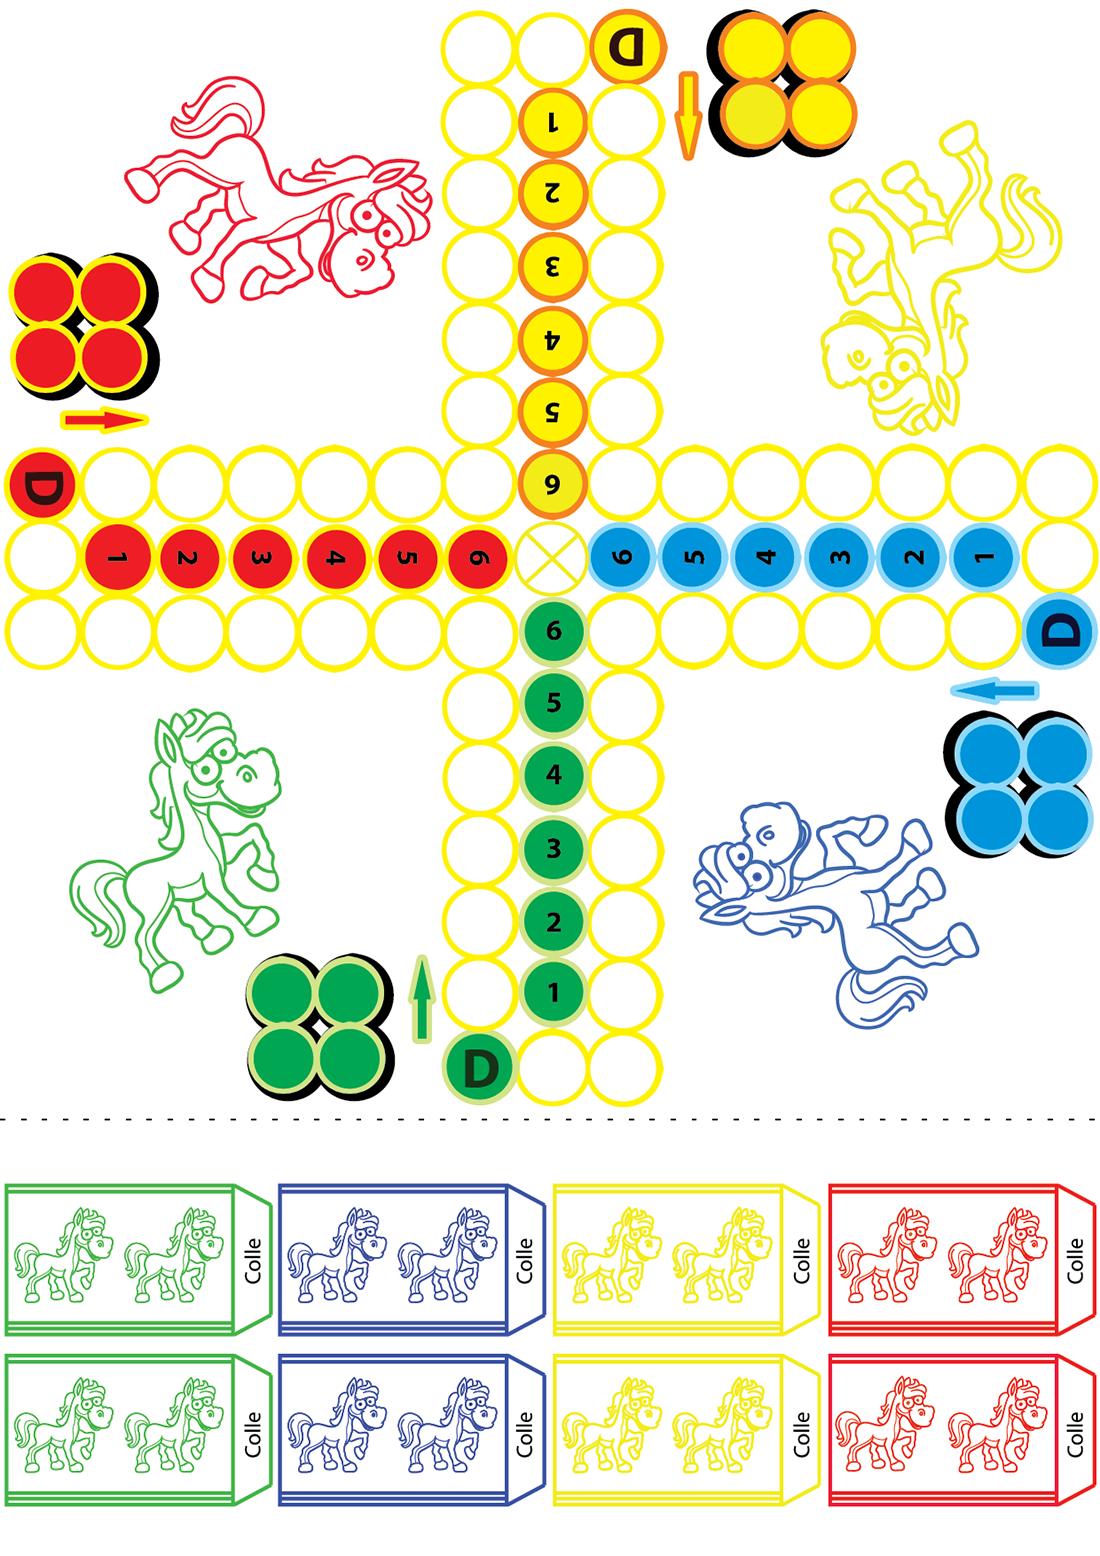 Petit Jeux Gratuit – Jeux Éducatifs Pour Petite Section (Ps) concernant Jeux Gratuit Maternelle Petite Section